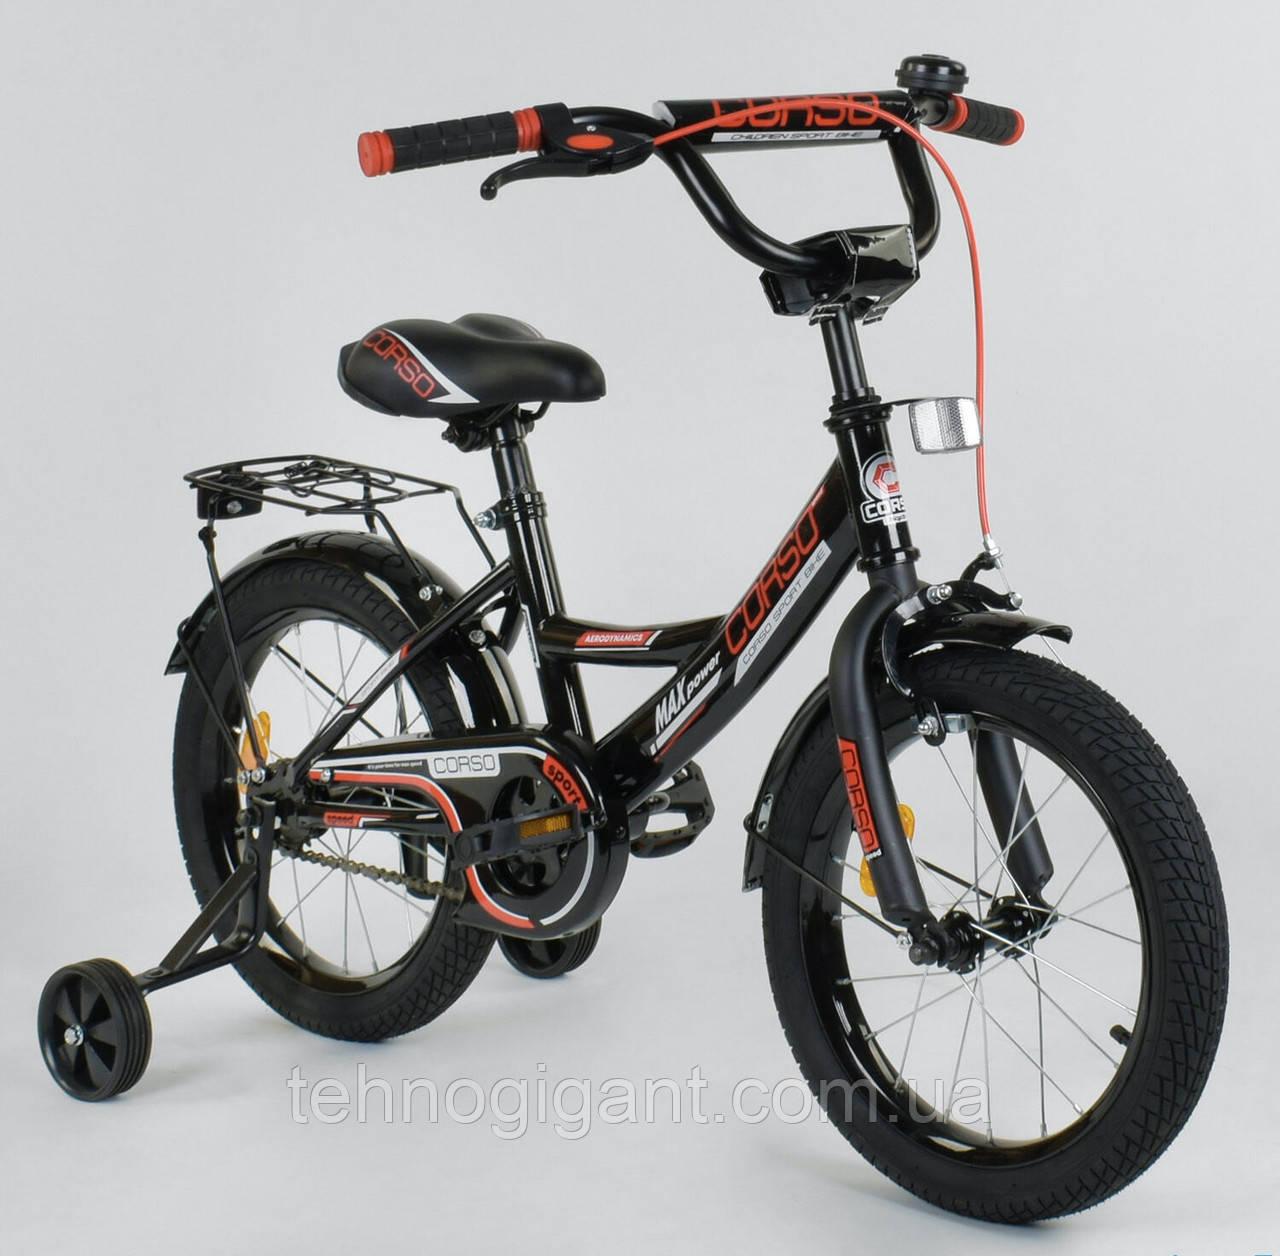 Велосипед детский двухколесный 16 дюймов Черный, CORSO CL-16, 4-6 лет, боковые колеса, ручной тормоз, багажник